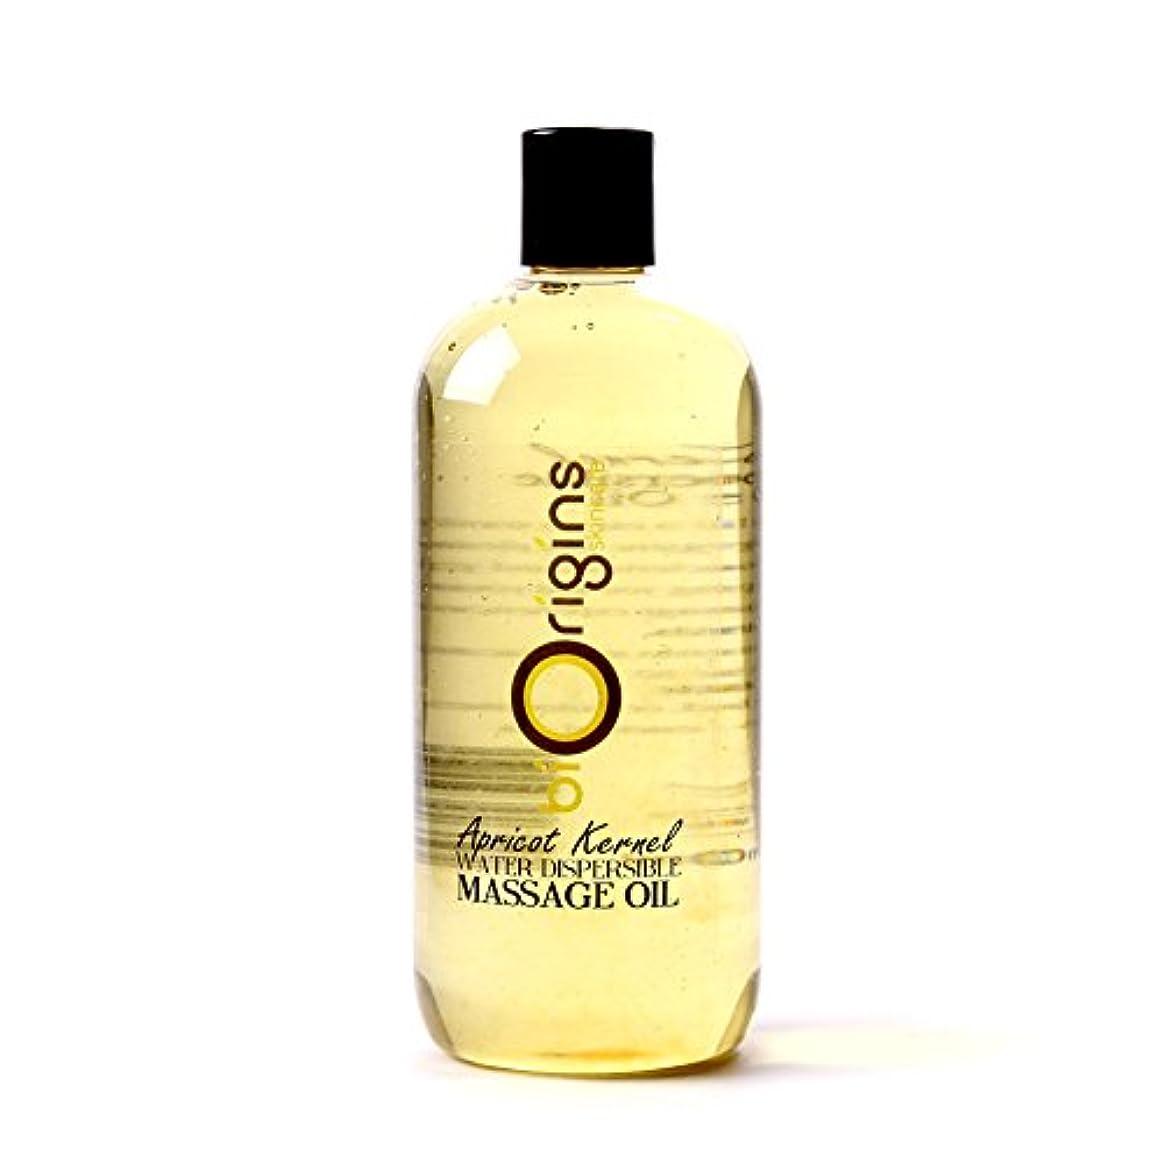 秀でる徐々にカレッジApricot Kernel Water Dispersible Massage Oil - 1 Litre - 100% Pure